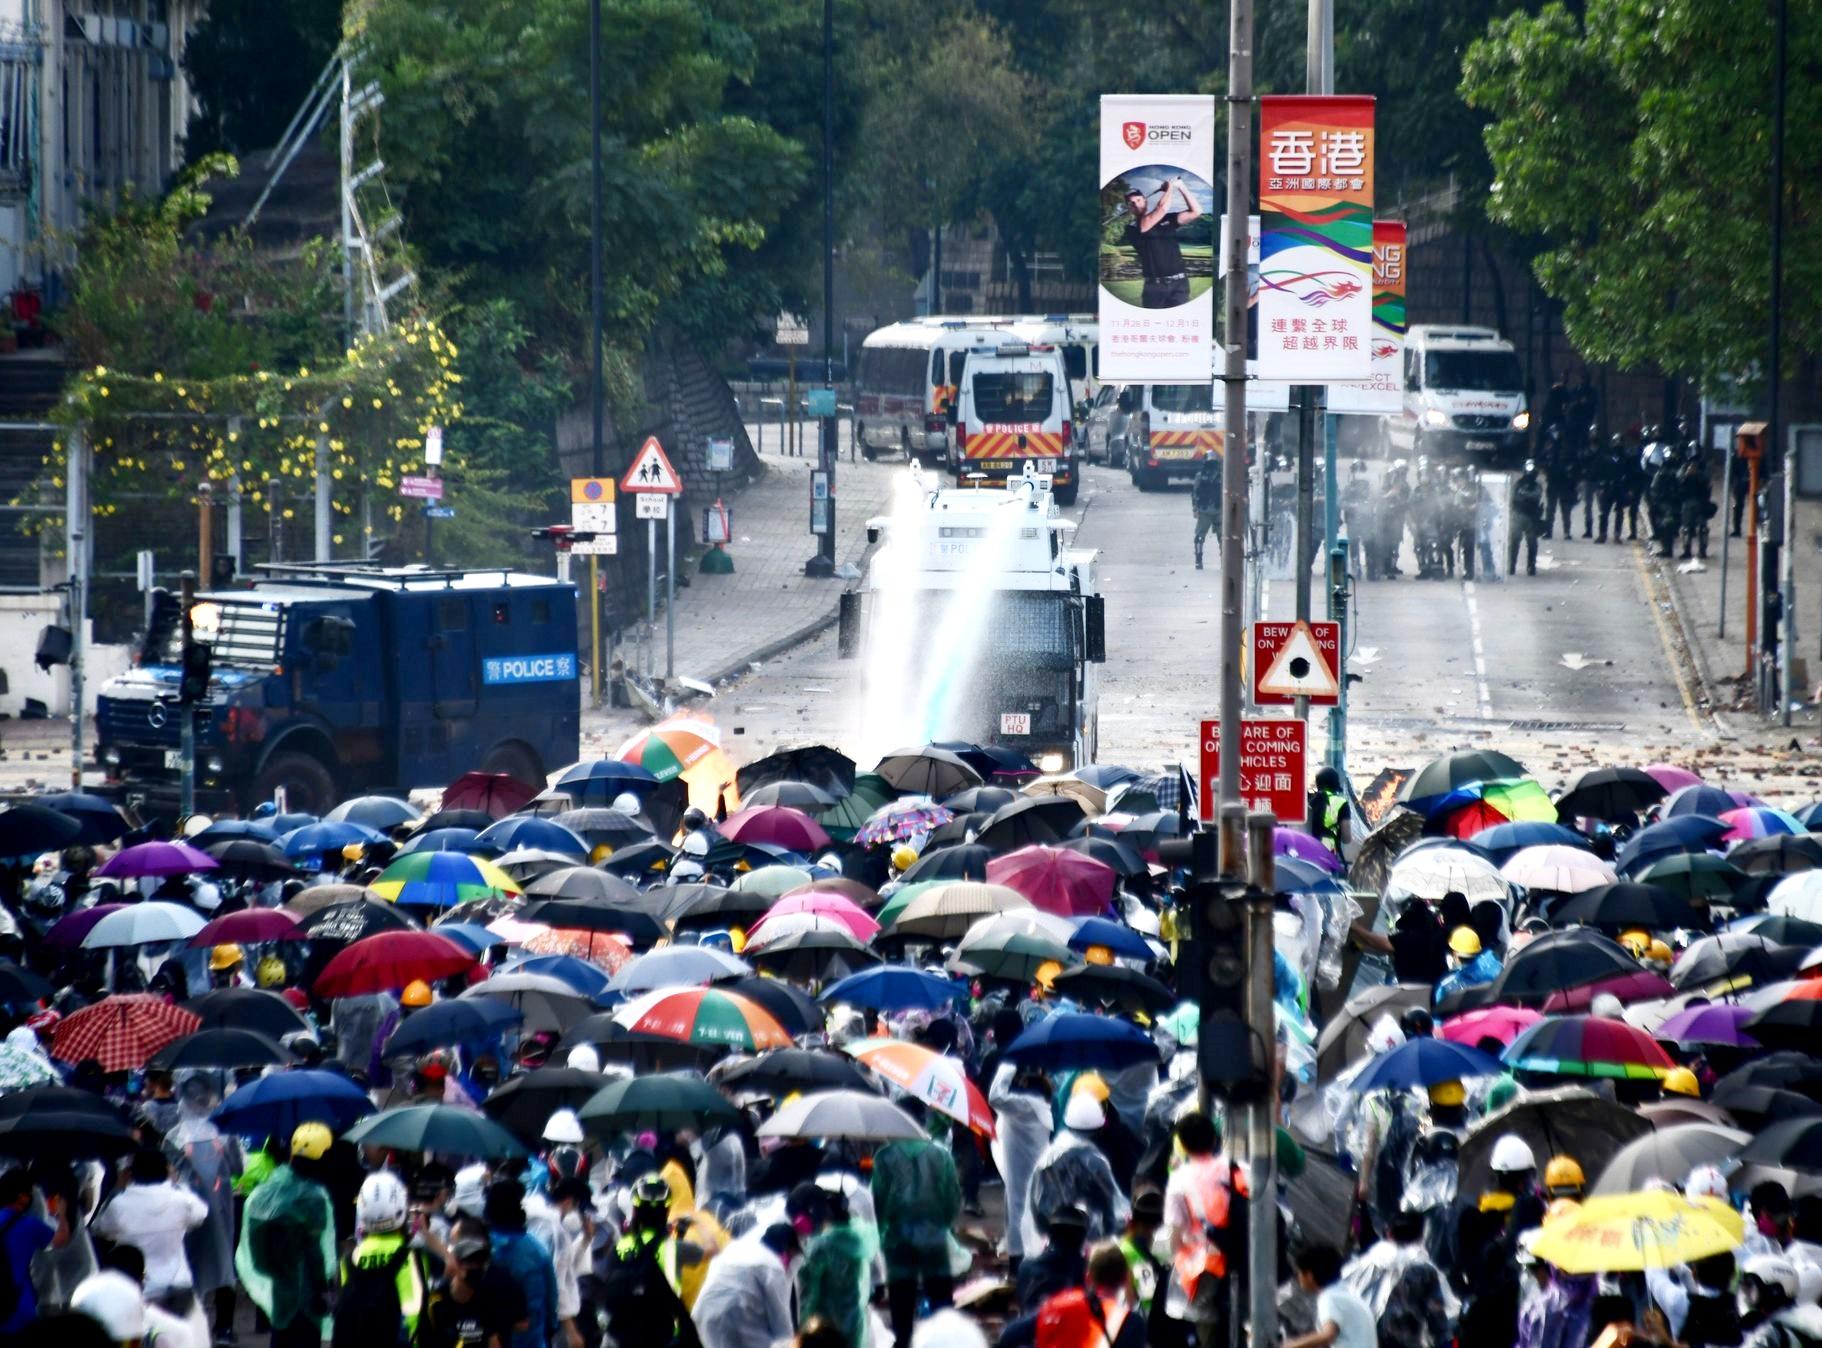 【修例风波】「be water」成年度字词 《金融时报》:理念影响全球示威